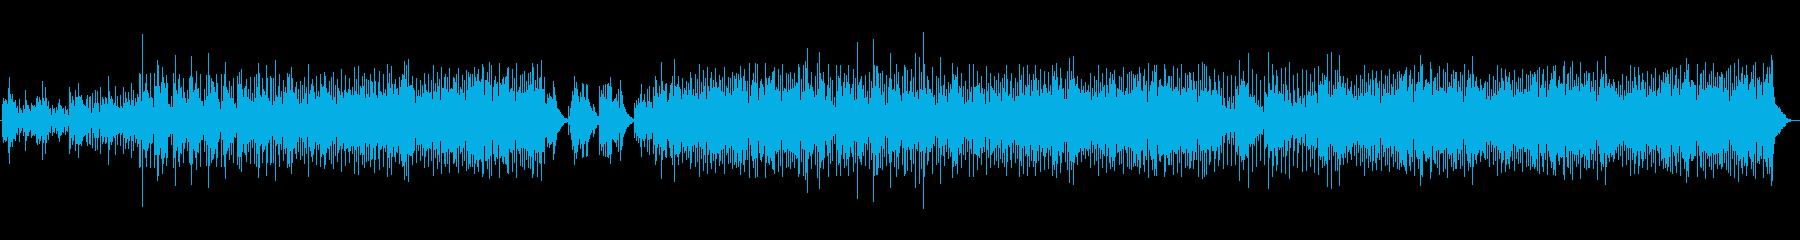 マンドリン、アコースティックギター...の再生済みの波形